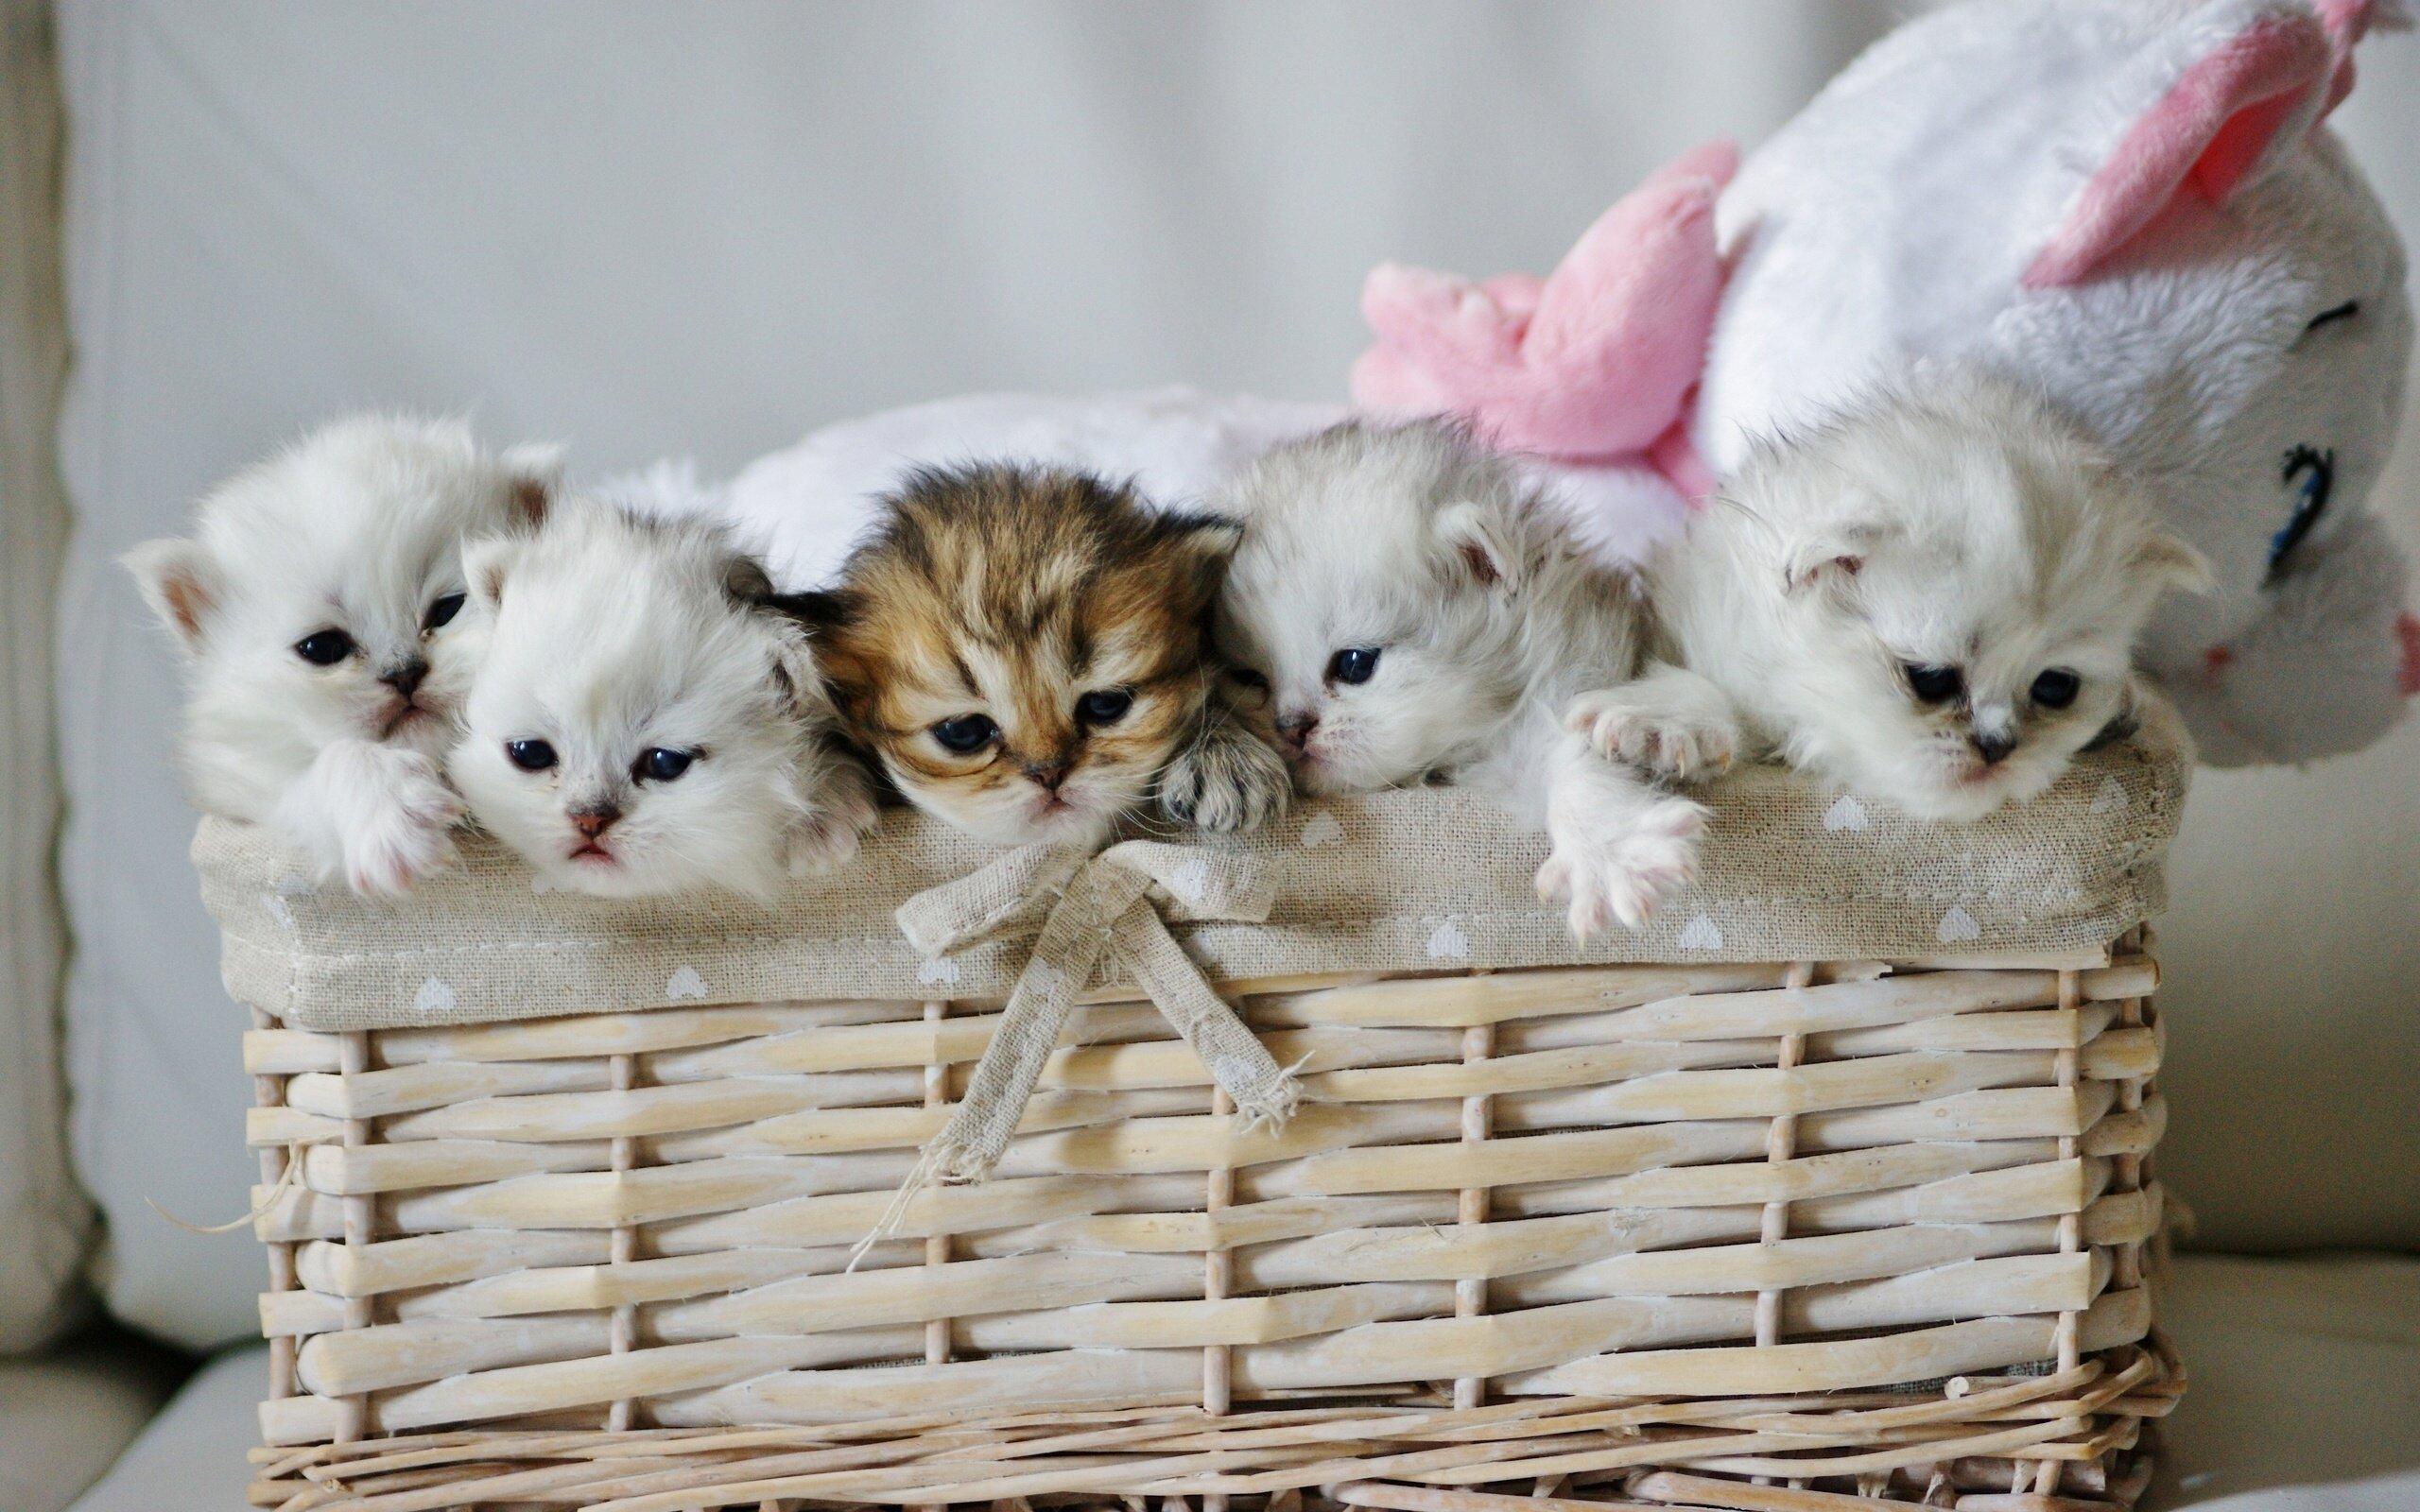 Kitten Baby Cute Cat Wallpaper 2560x1600 719413 Wallpaperup